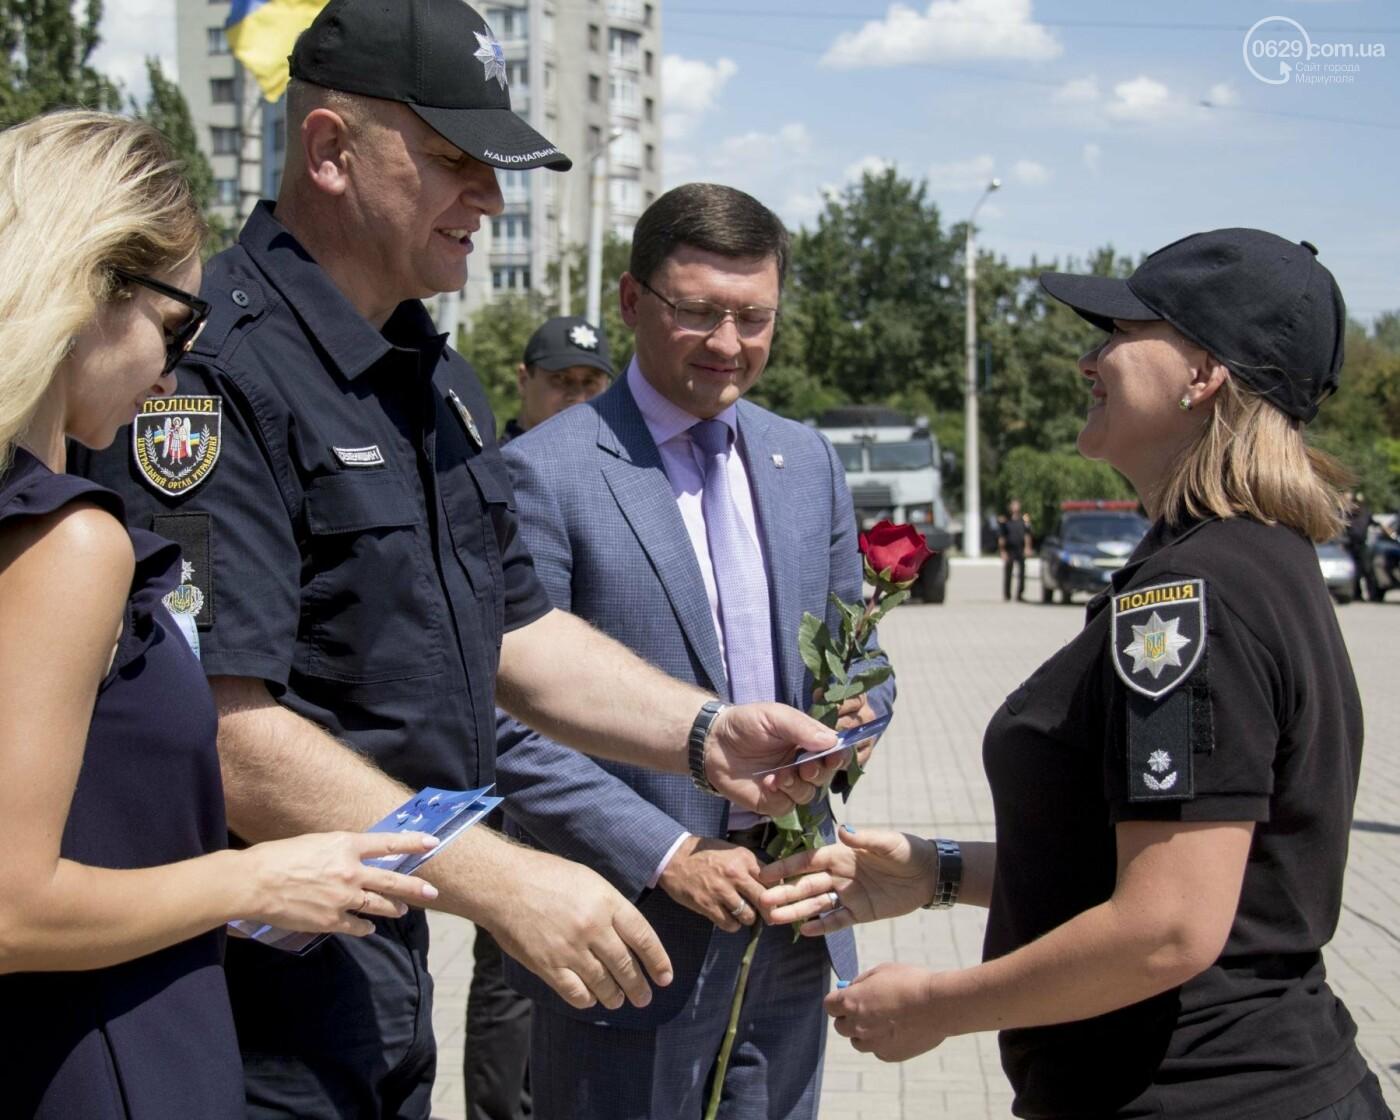 В Мариуполе презентовали туристическую полицию, - ФОТО, ВИДЕО, фото-2